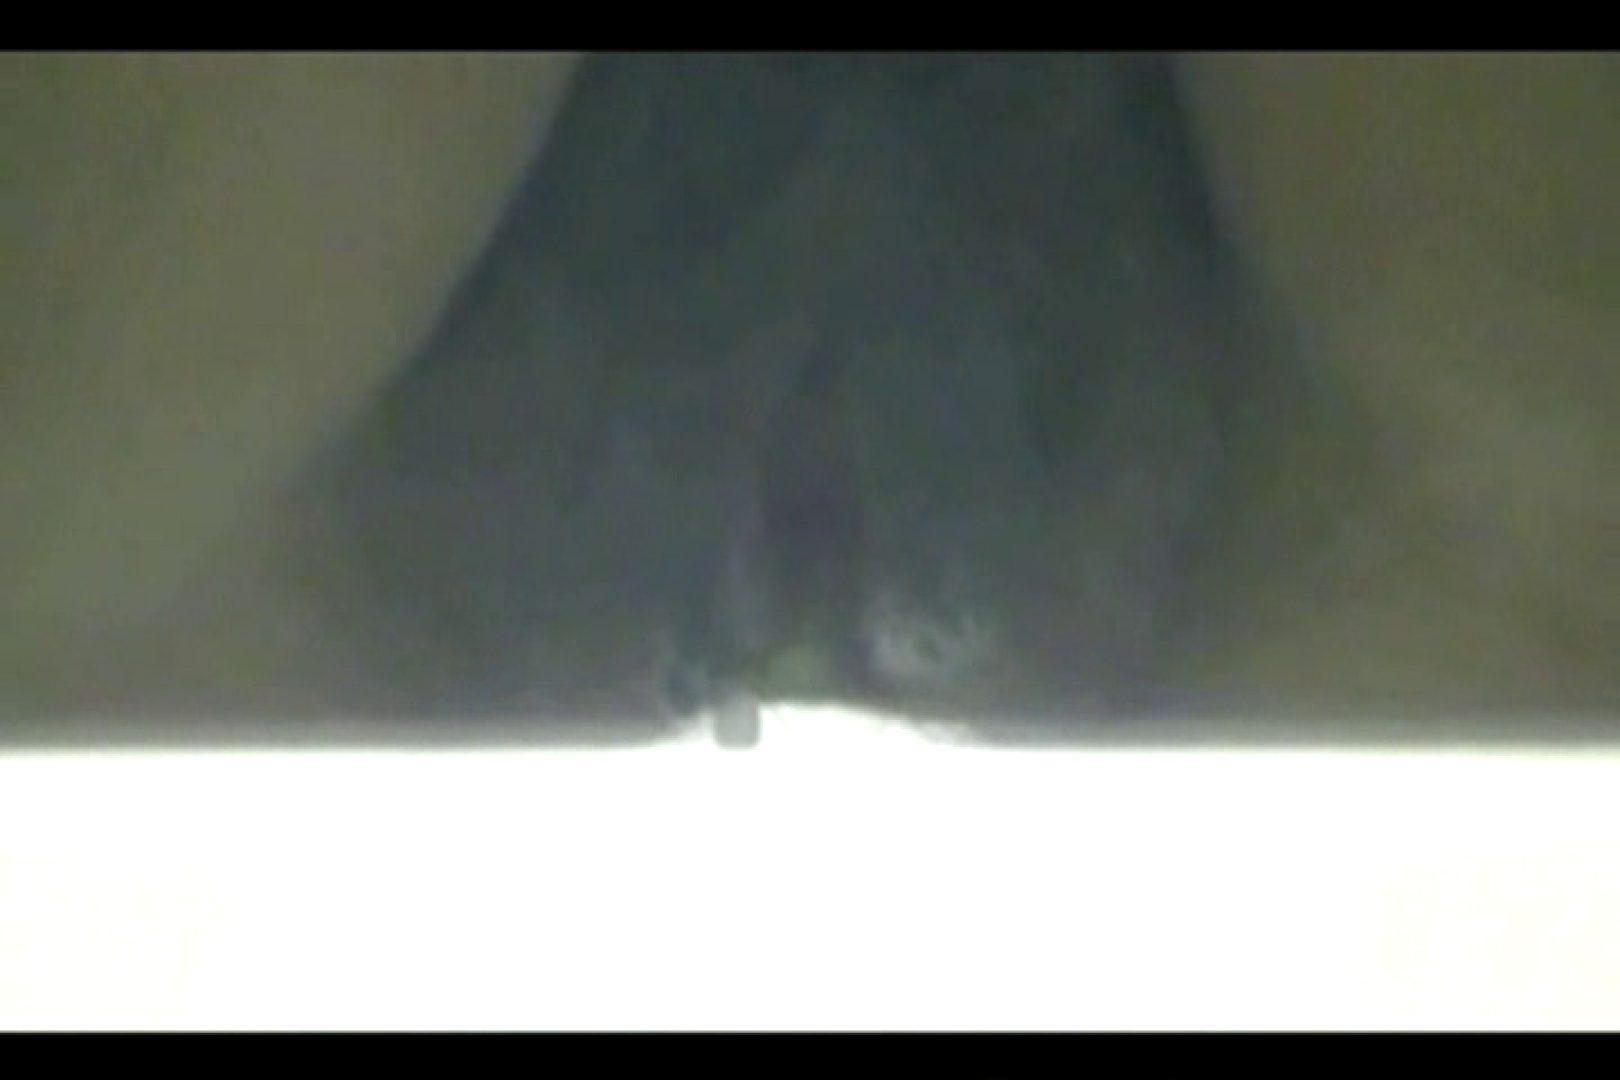 ぼっとん洗面所スペシャルVol.2 洗面所突入 | マンコ・ムレムレ  106pic 33